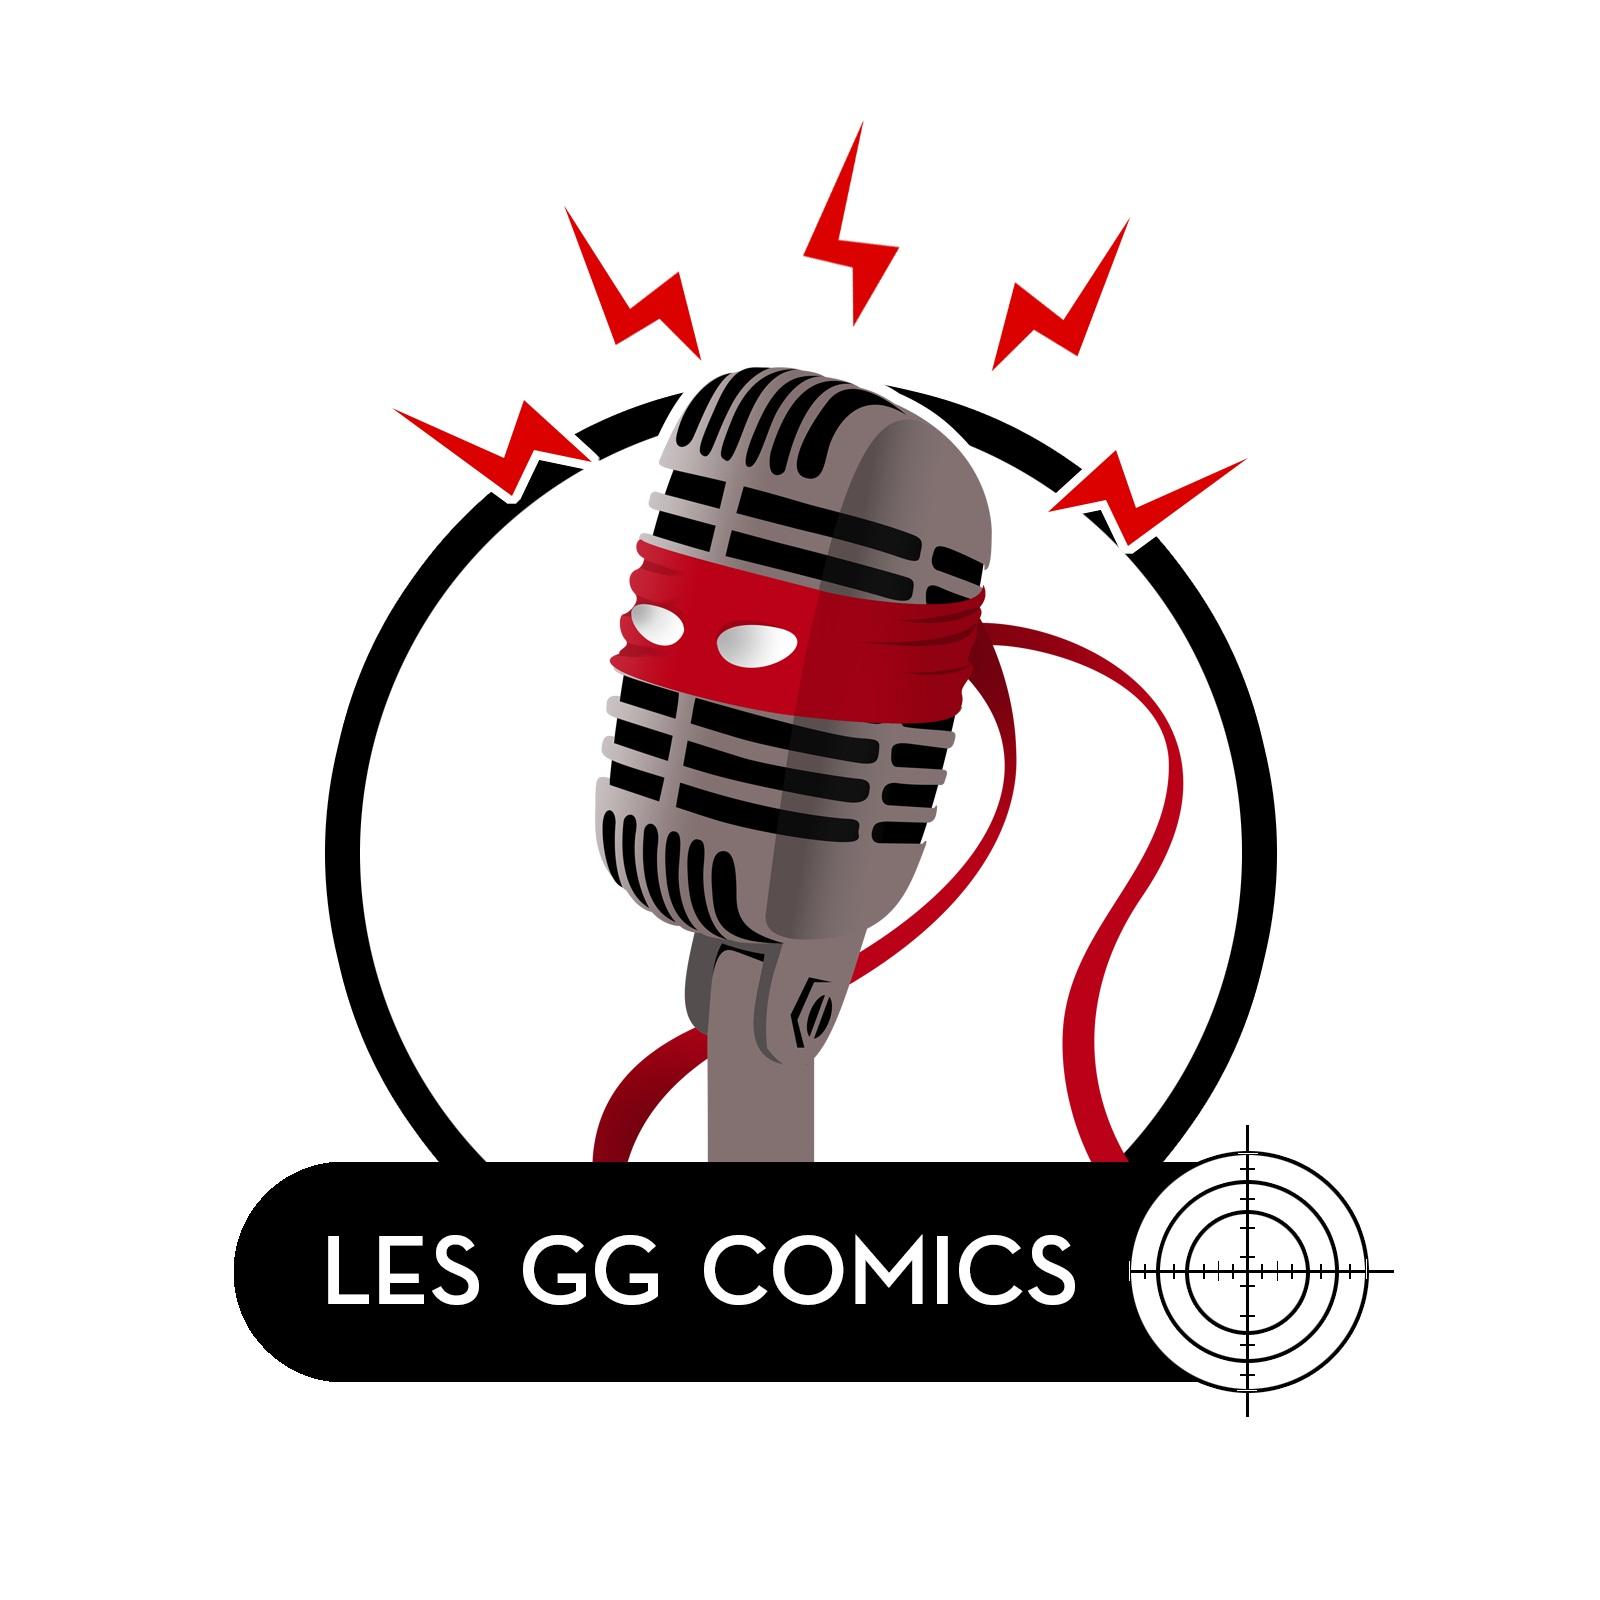 Les GG comics #047 : Mark Waid, a-t-il tout vu, a-t-il tout fait ?